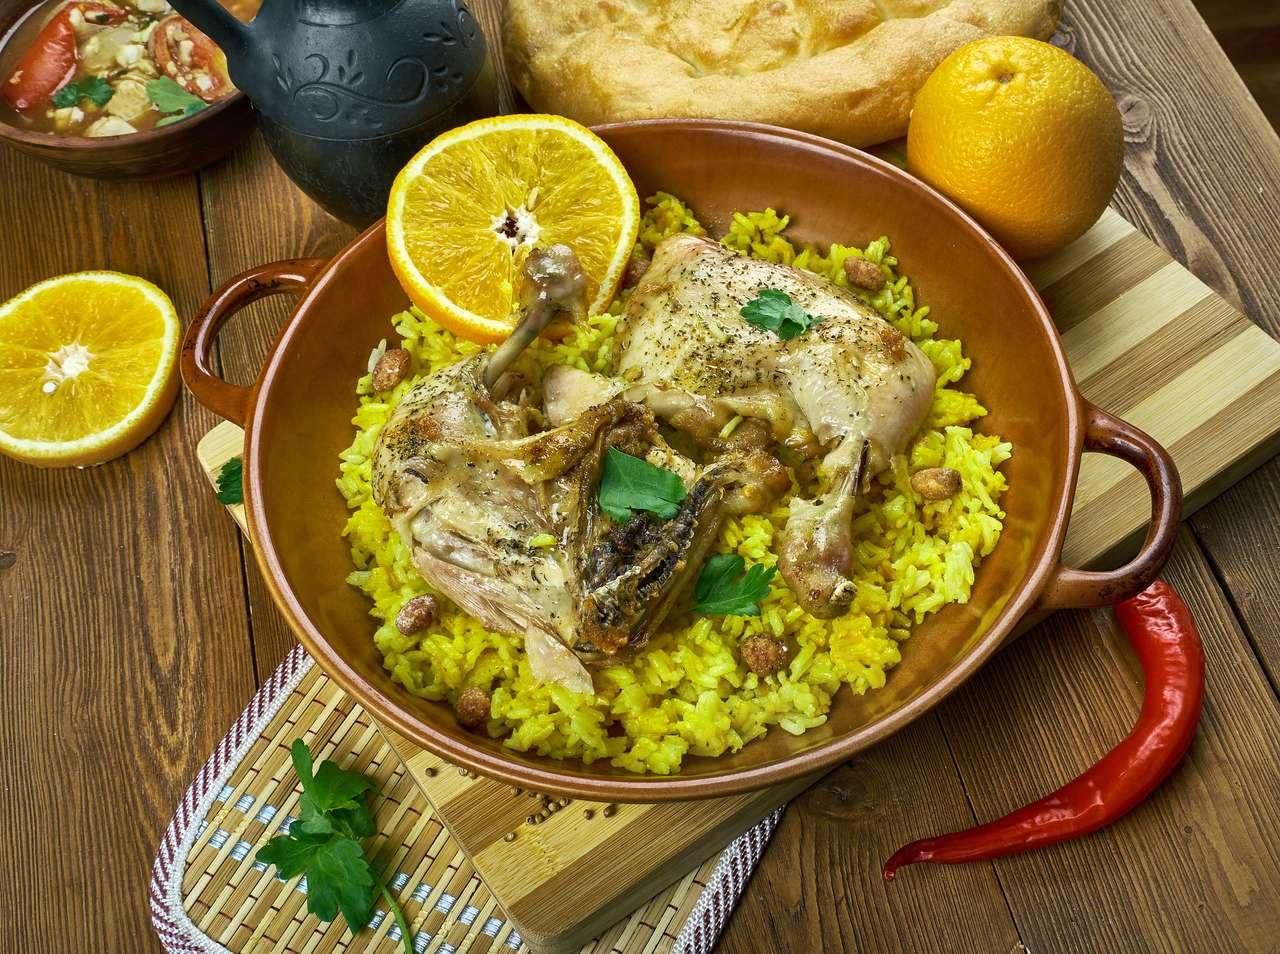 Cocina árabe - Djaj Fouq El-Eish